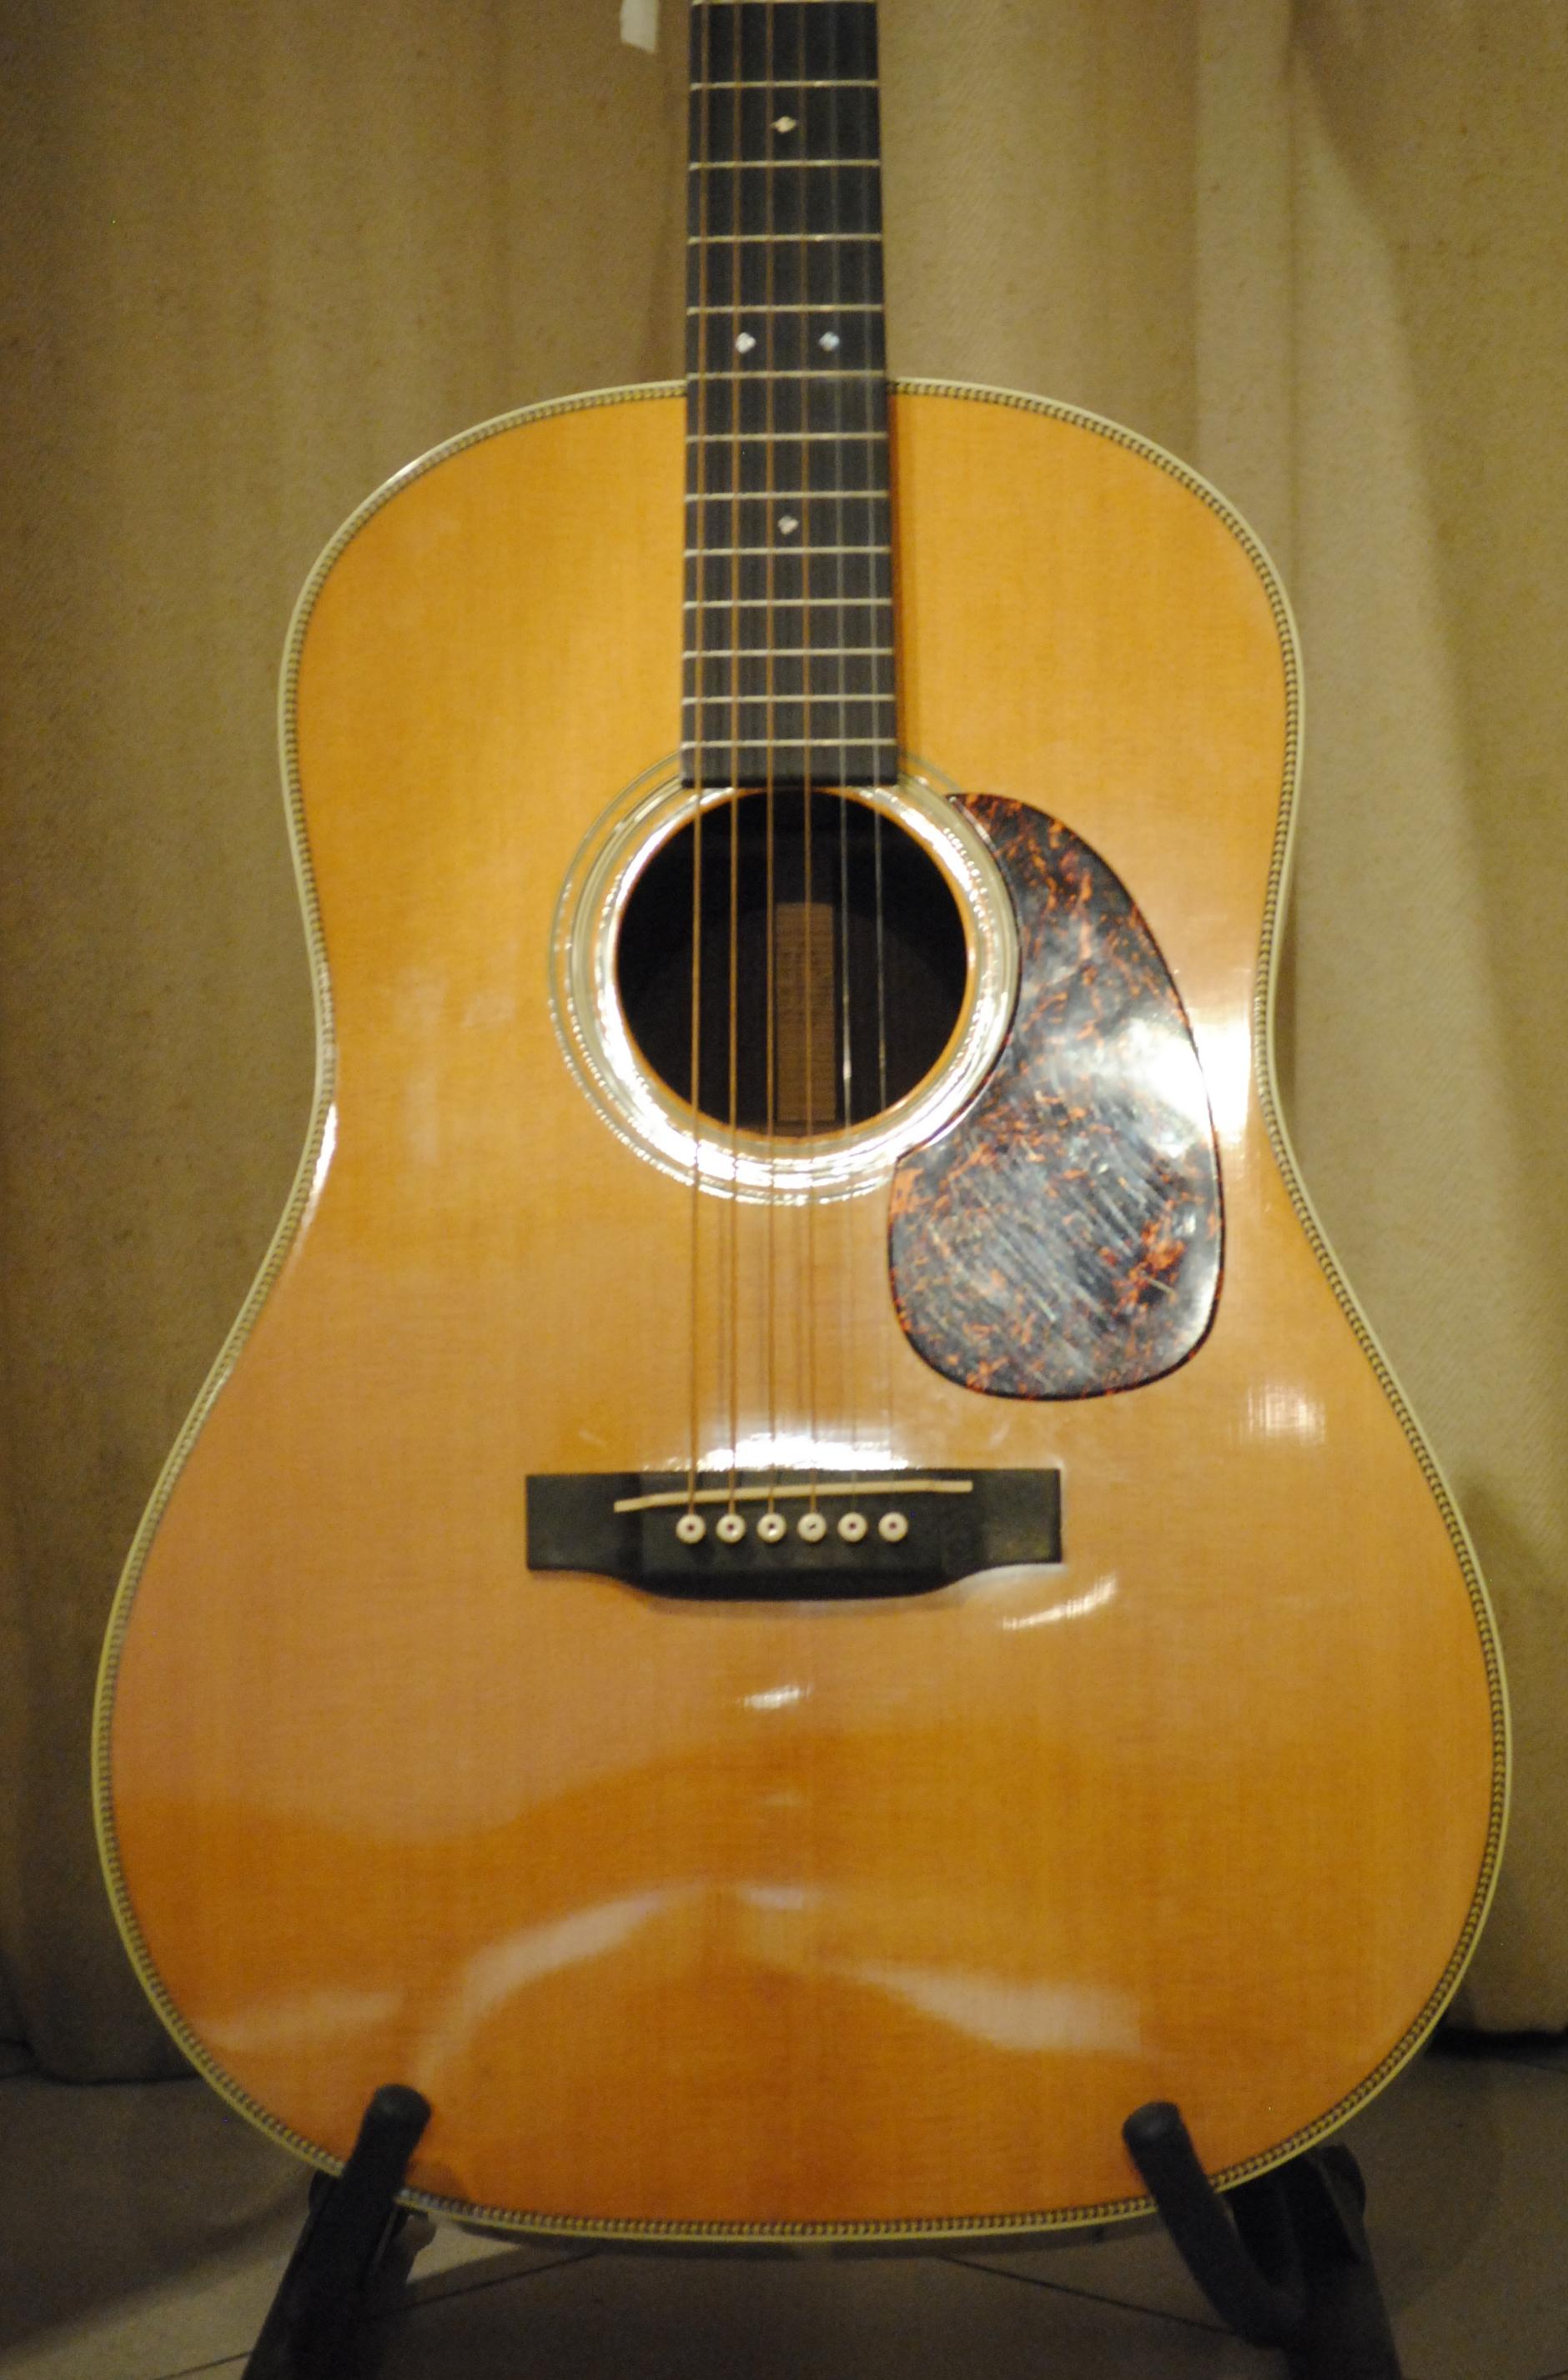 martin d28 vs 2014 natural guitar for sale rome vintage guitars. Black Bedroom Furniture Sets. Home Design Ideas